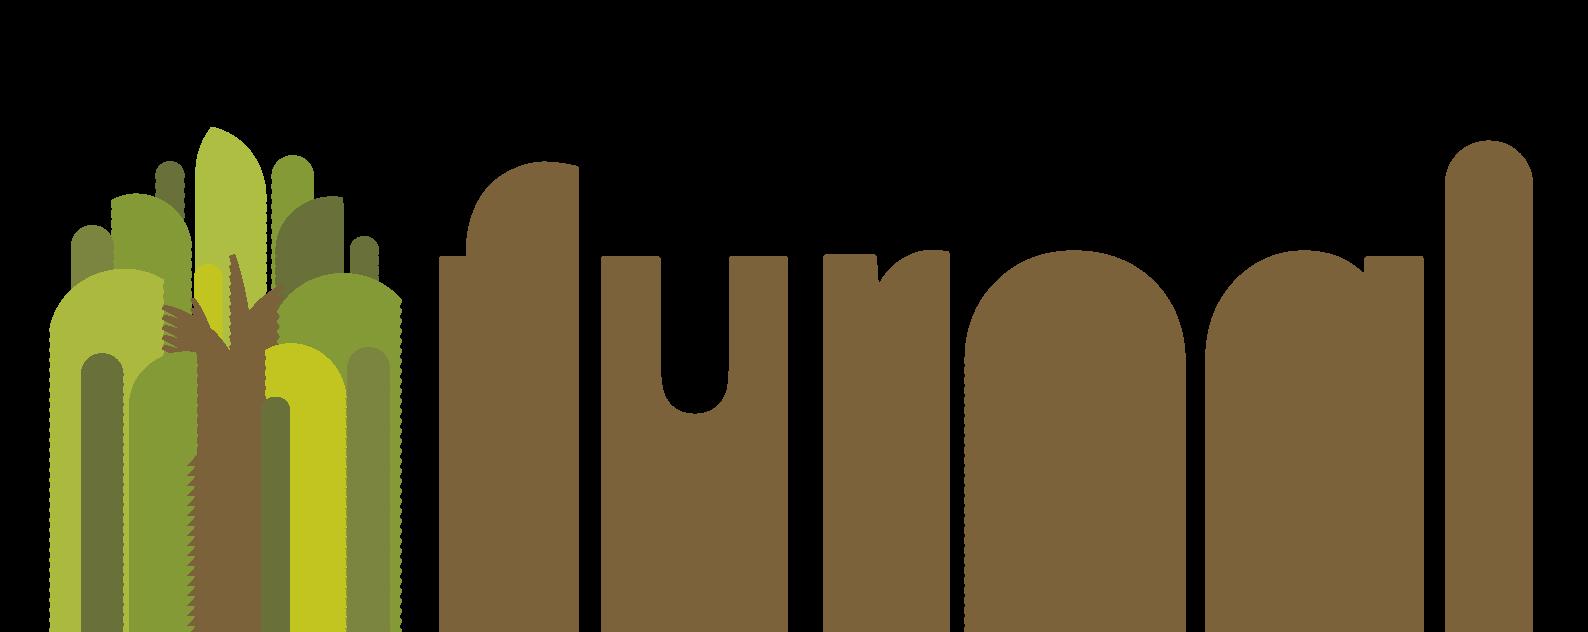 リハビリ特化型デイサービス fureai(ふれあい)